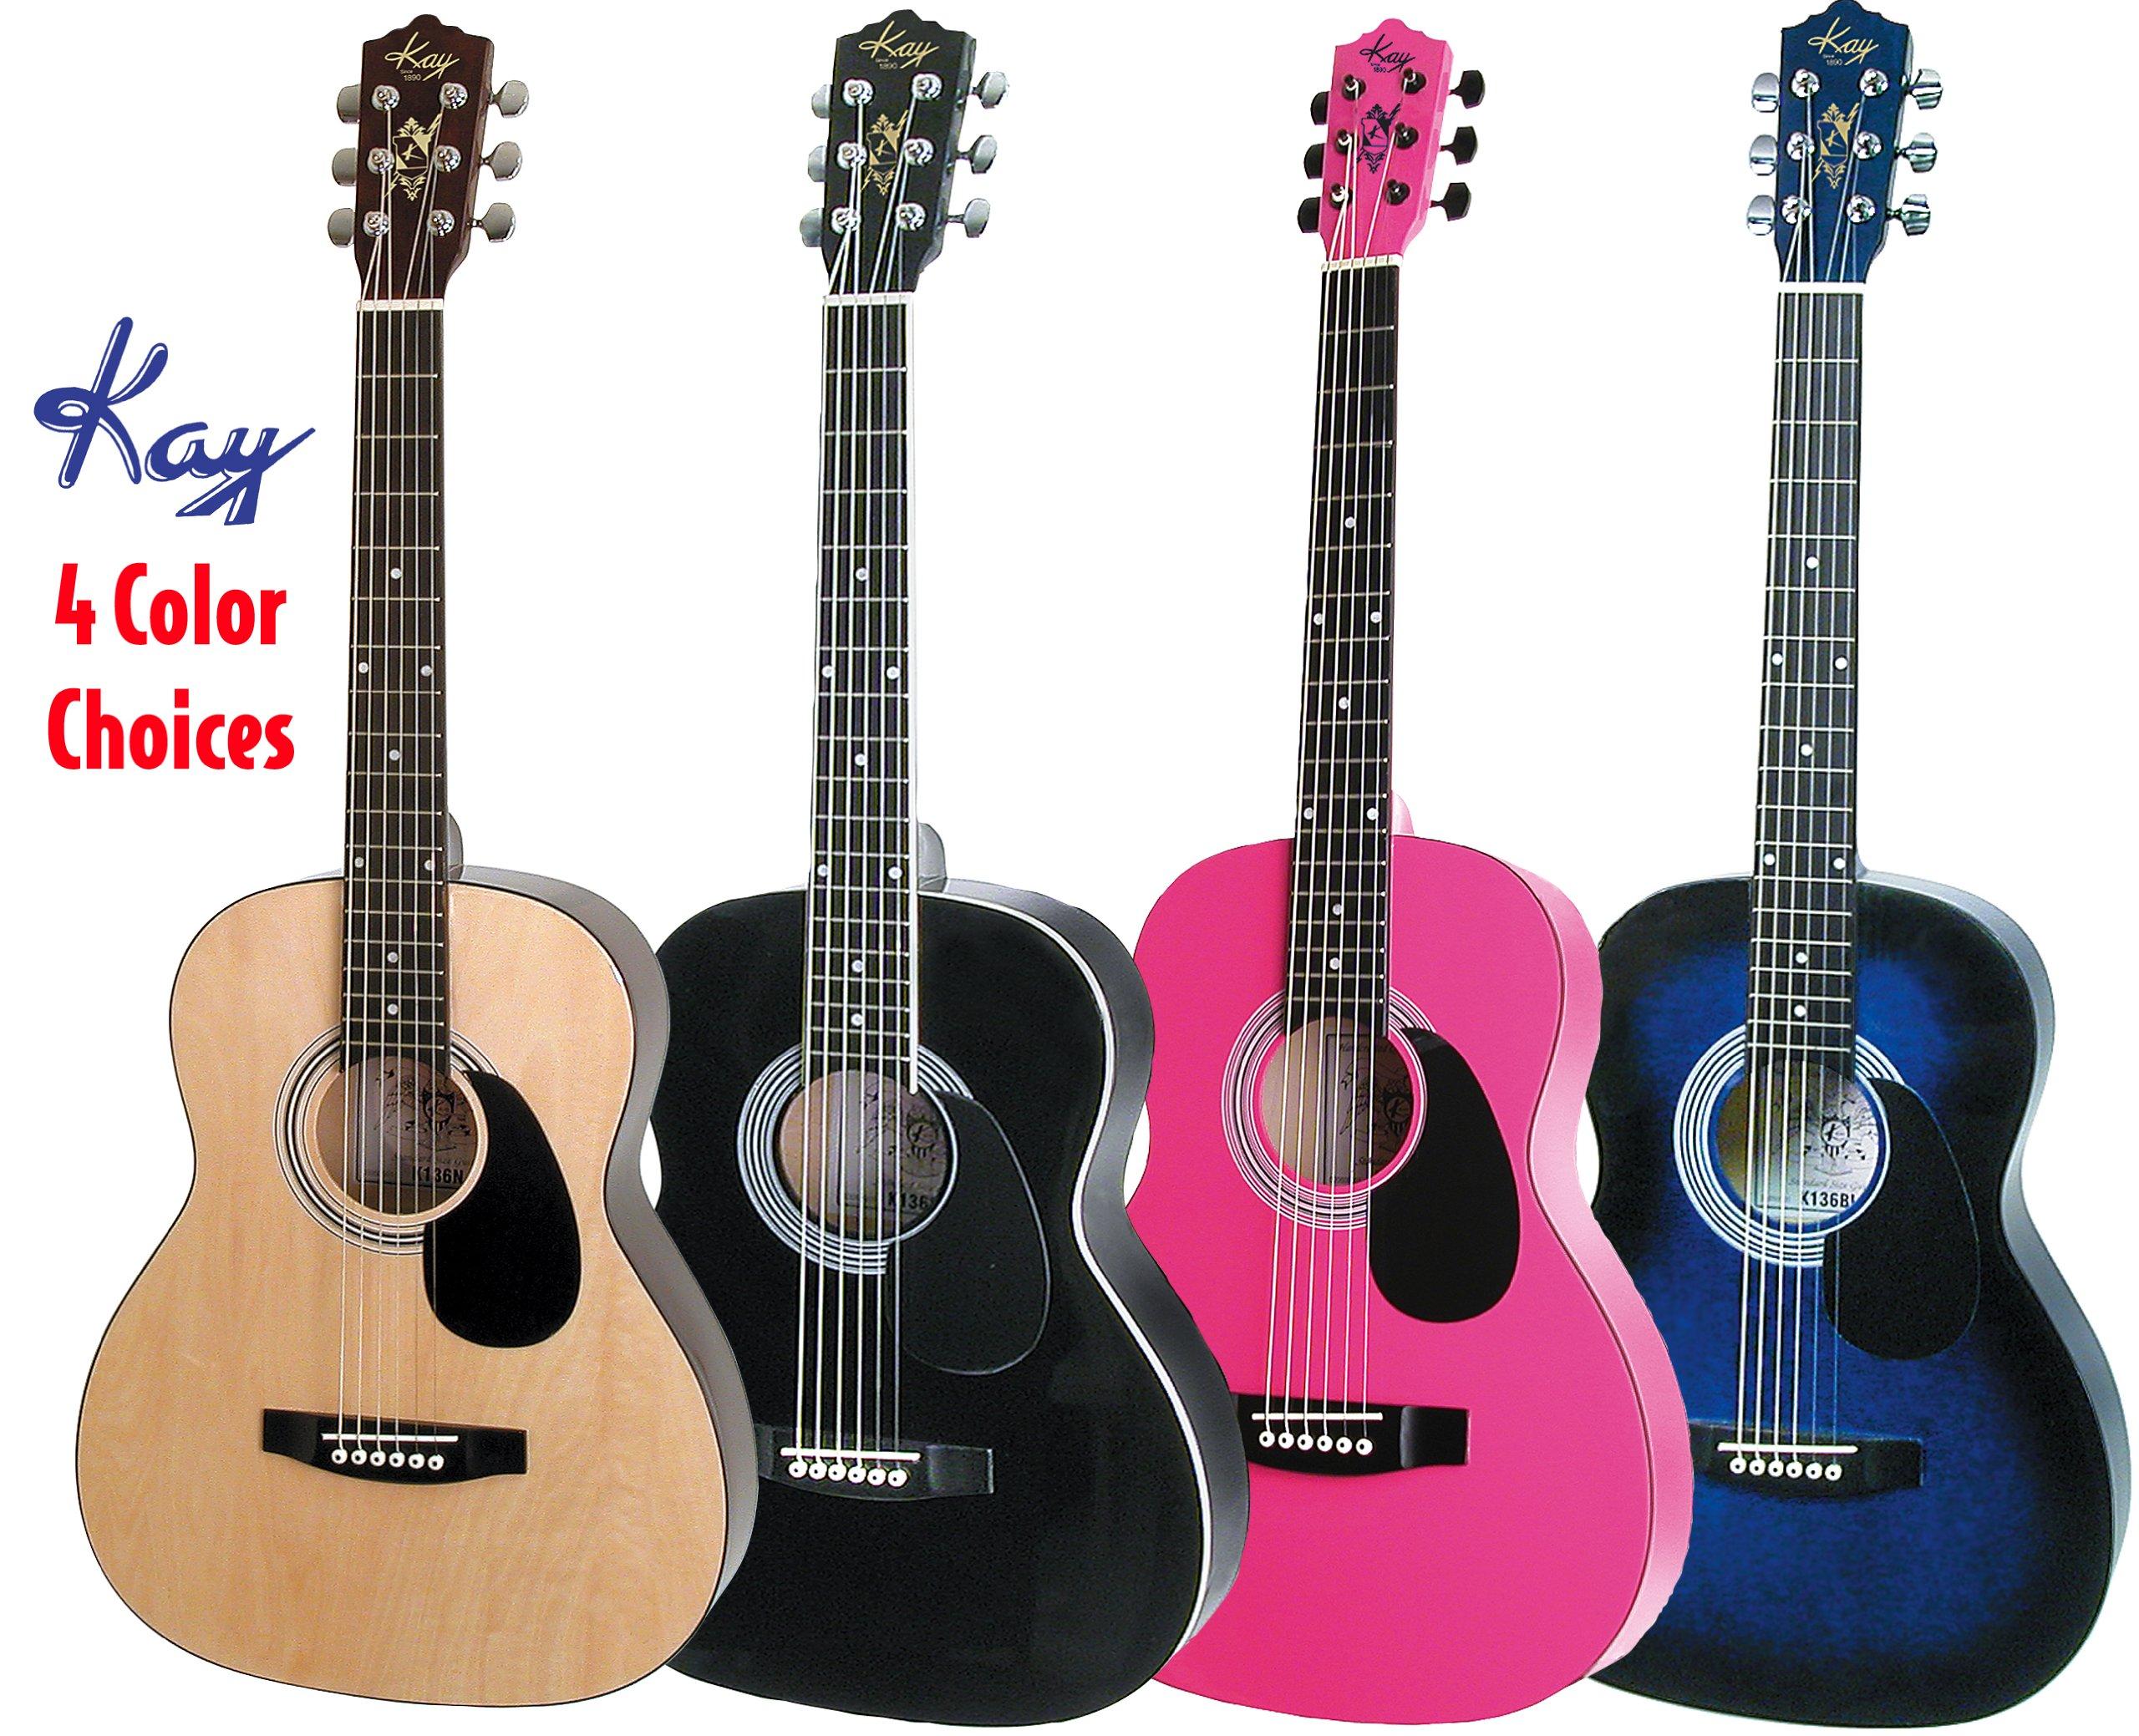 Kay Guitar K137N Acoustic 36-Inch Standard Steel String Guitar - Natural Top